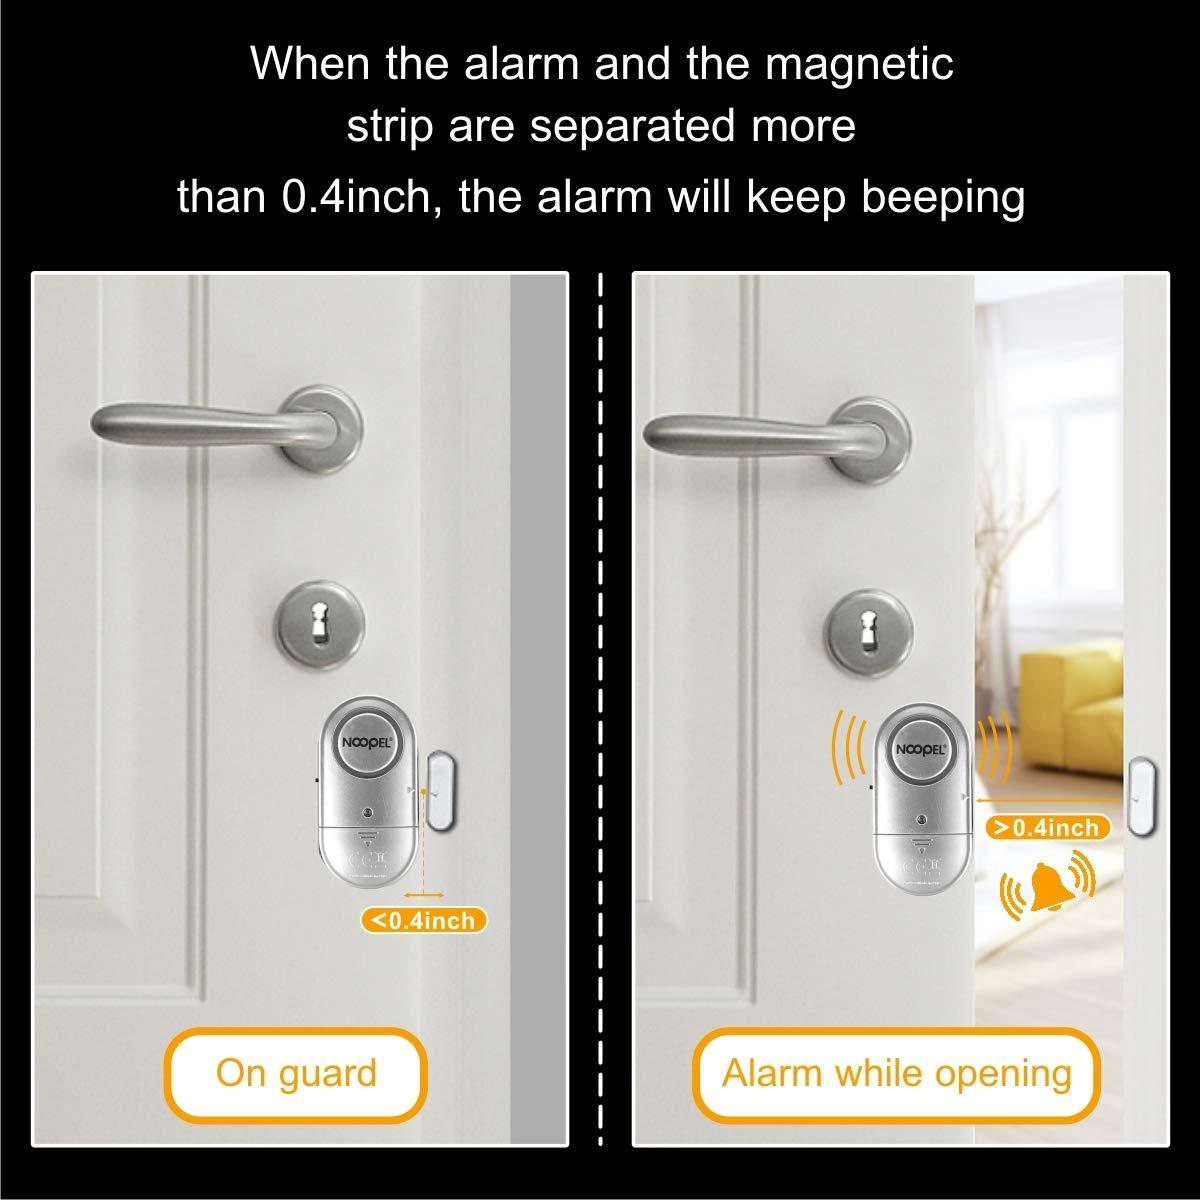 New Version With Two Volume Levels Noopel Wireless Magnetic Burglar Intruder Entry Alarm For Kids Toddlers Indoor Personal Safety Window Door Alarm 2 Pack Door Window Sensors Diy Tools Tennesseegreenac Com